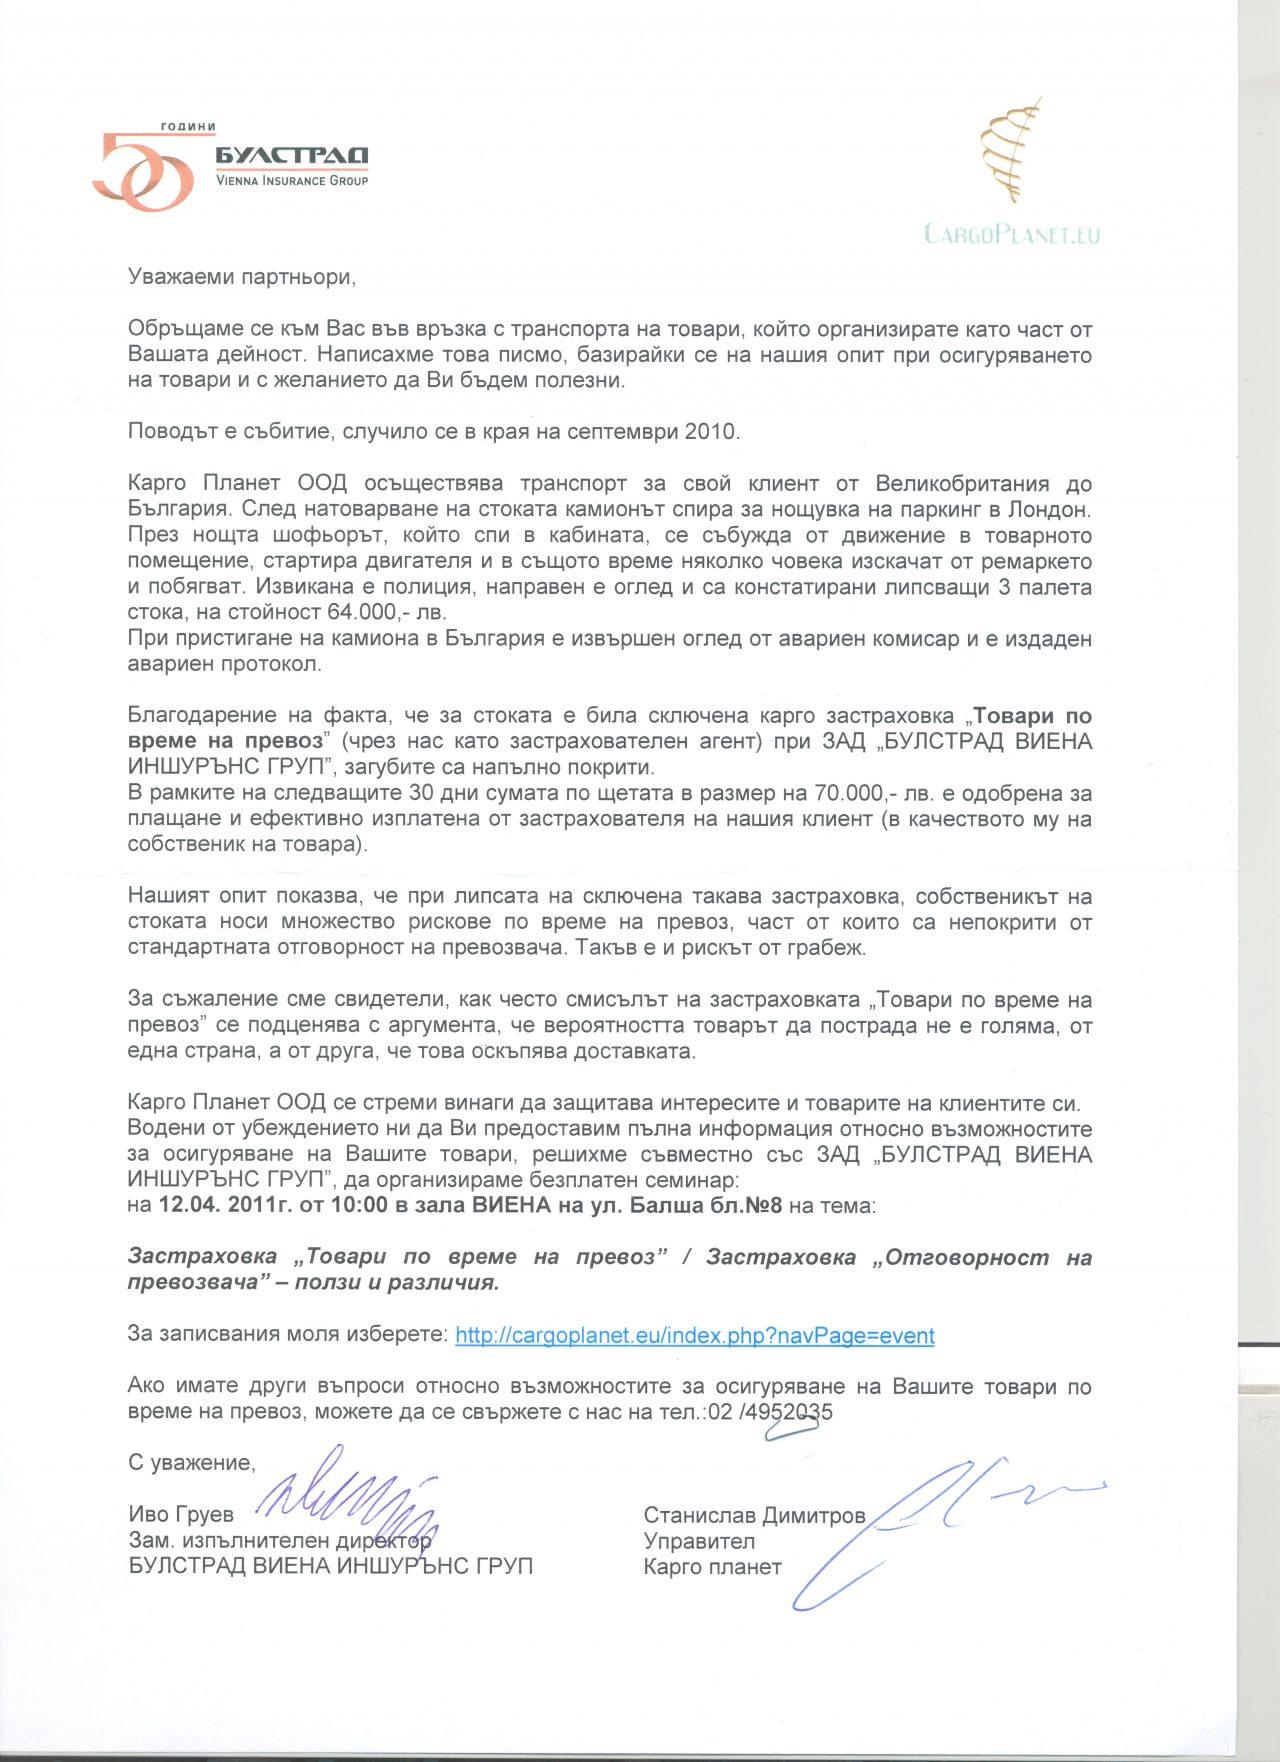 """Карго Планет организира съвместно със ЗАД """"Булстрад Виена Иншурънс Груп"""" семинар"""